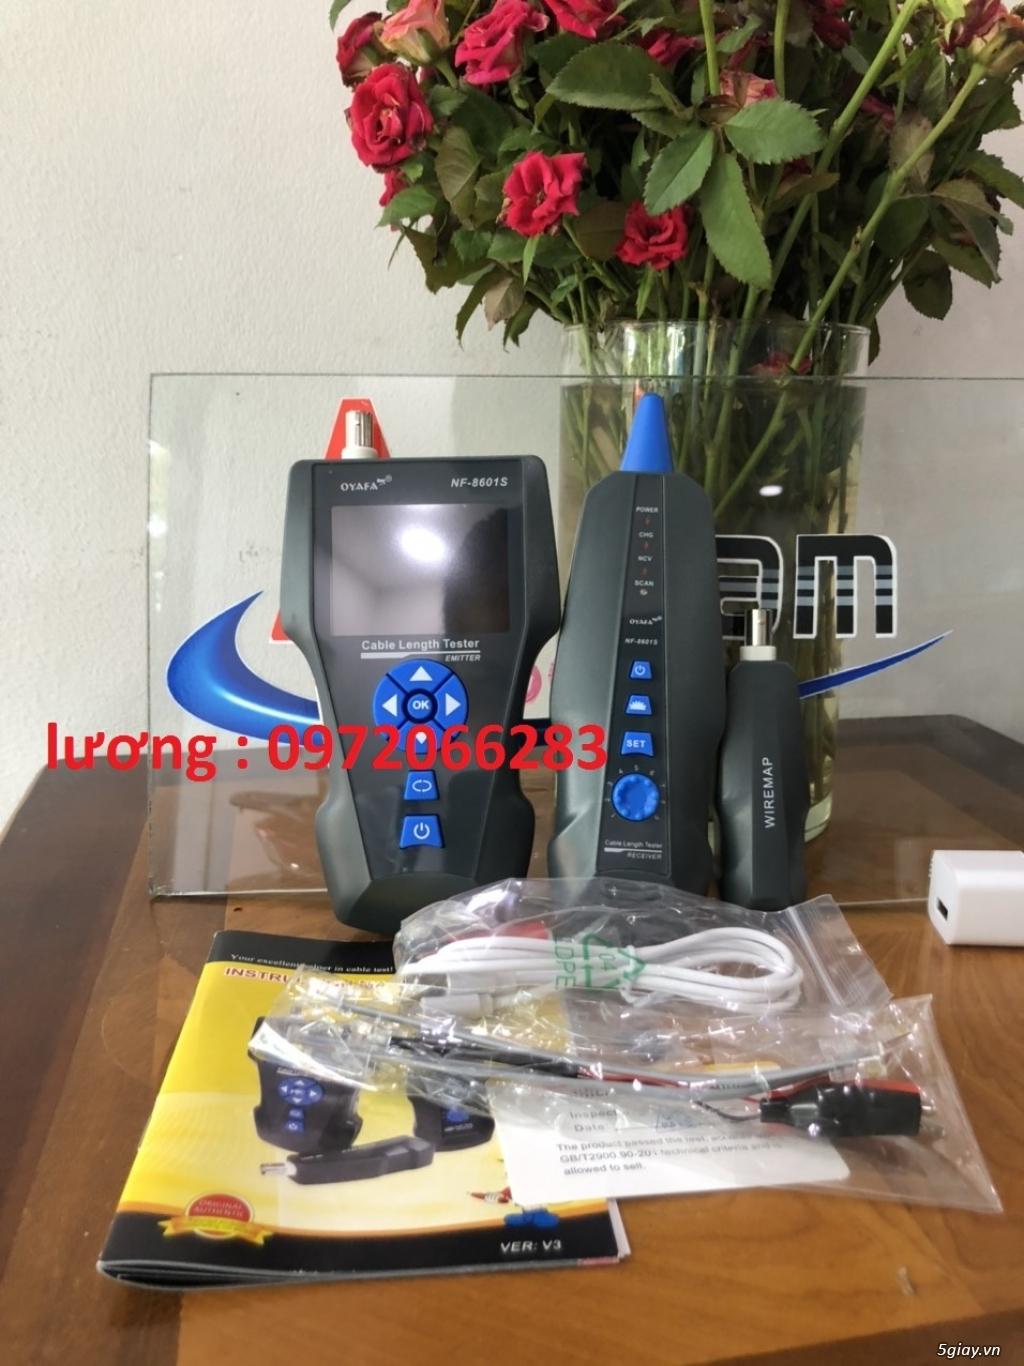 NF-8601S Đa Chức Năng RJ45, RJ11, BNC, kim loại Cáp, PING/POE, kết xuấ - 12